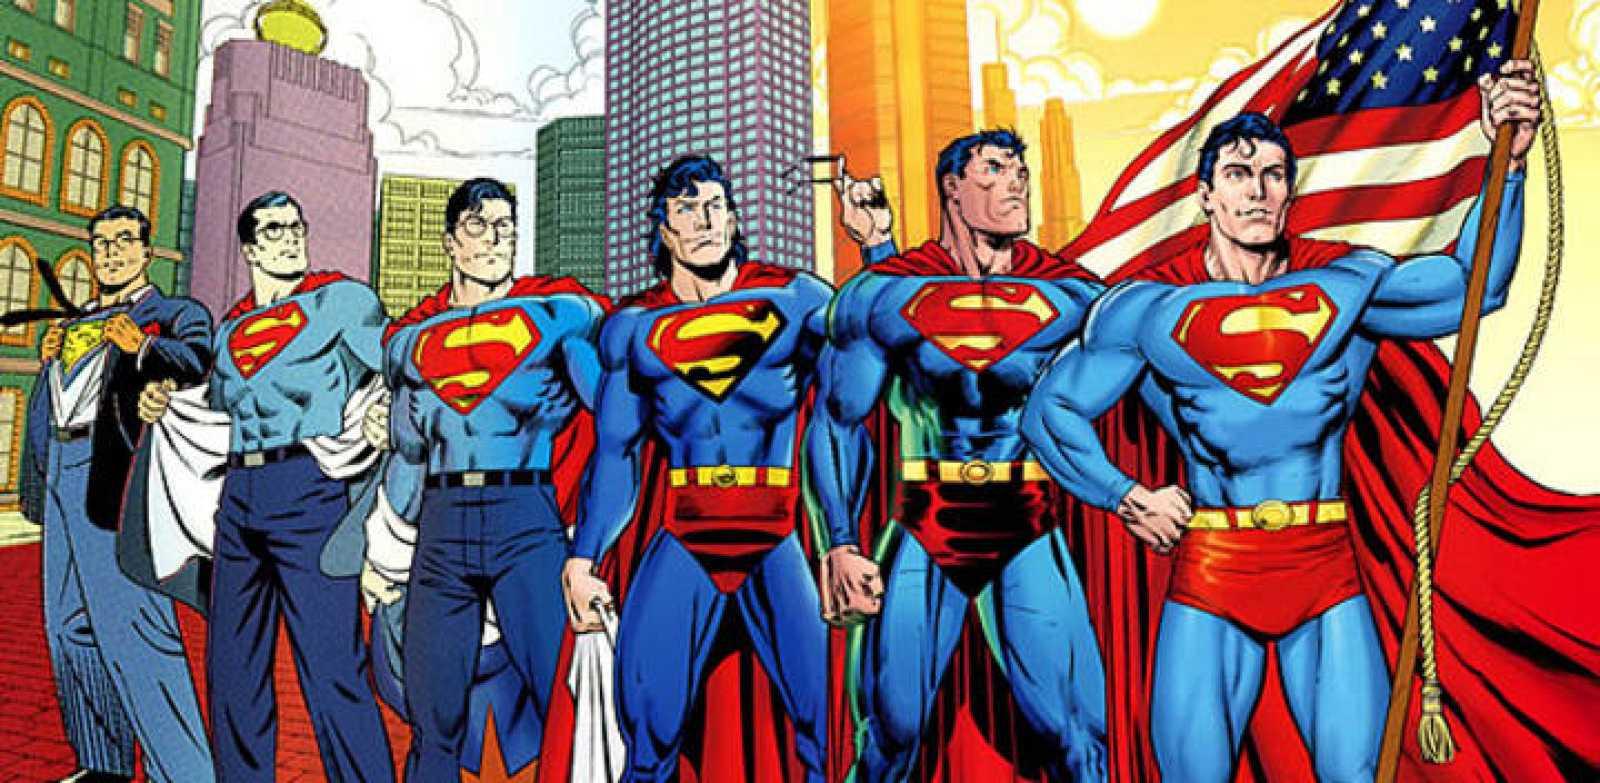 Ilustración que repasa algunas de las versiones de Superman en estos 75 años